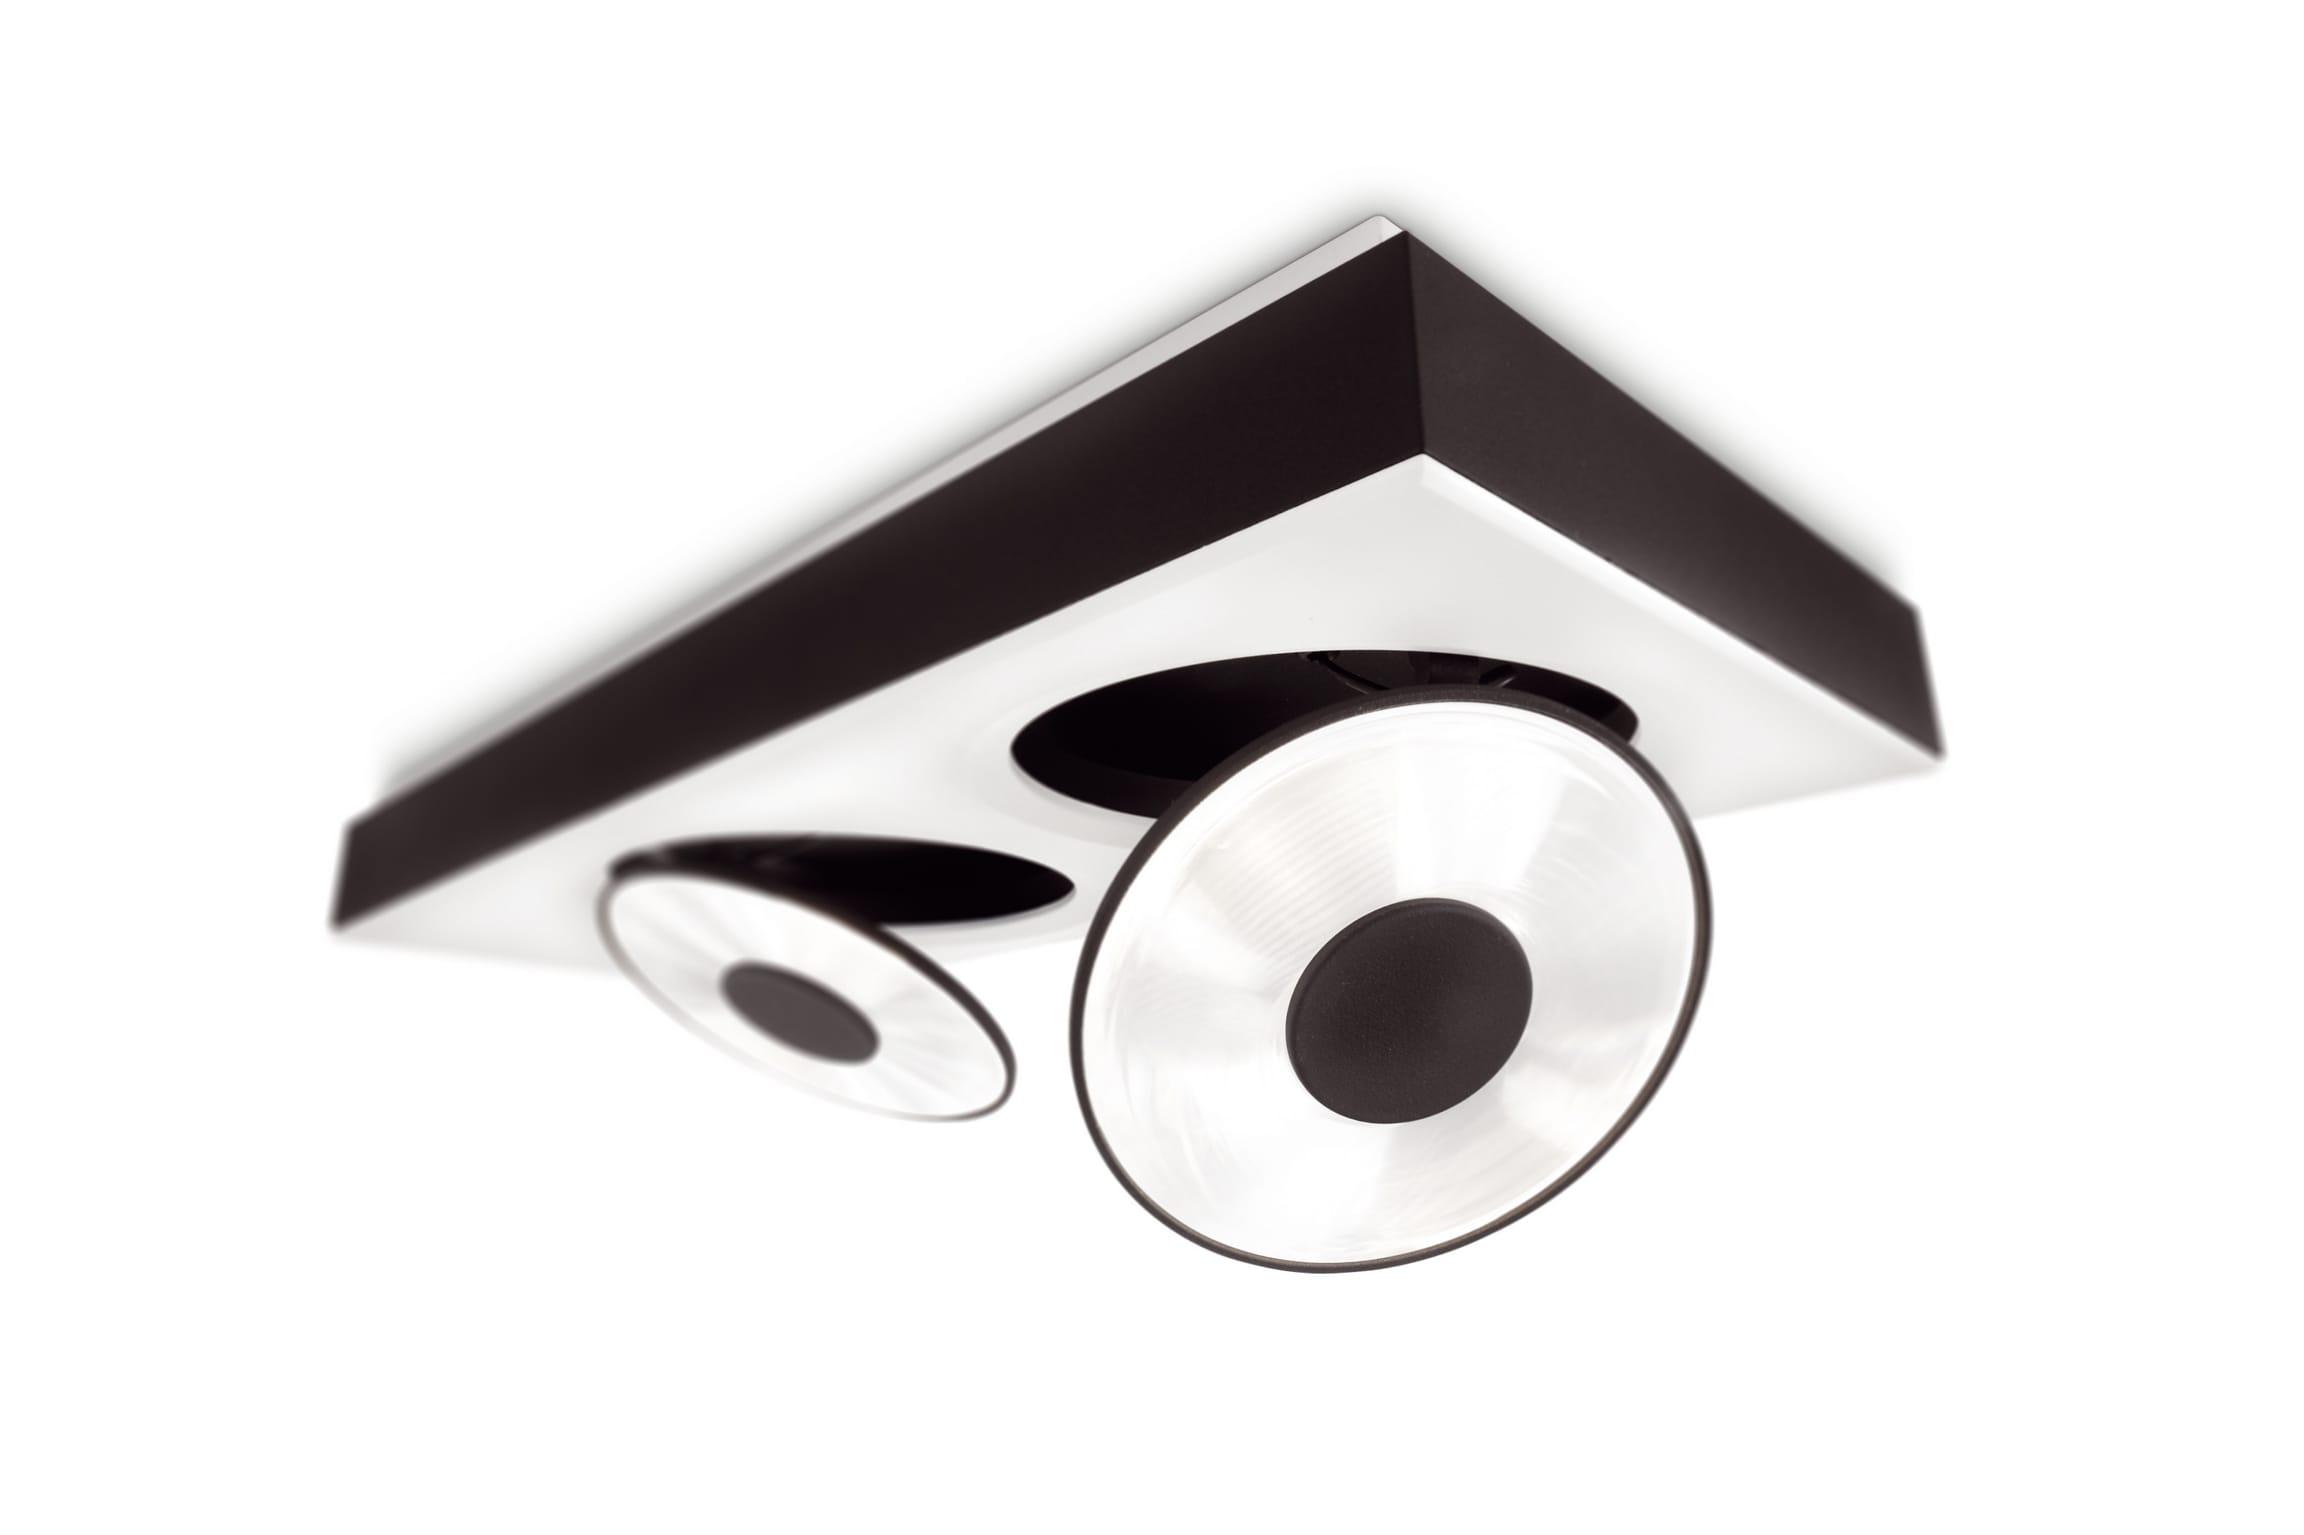 philips arcitone led leuchten. Black Bedroom Furniture Sets. Home Design Ideas